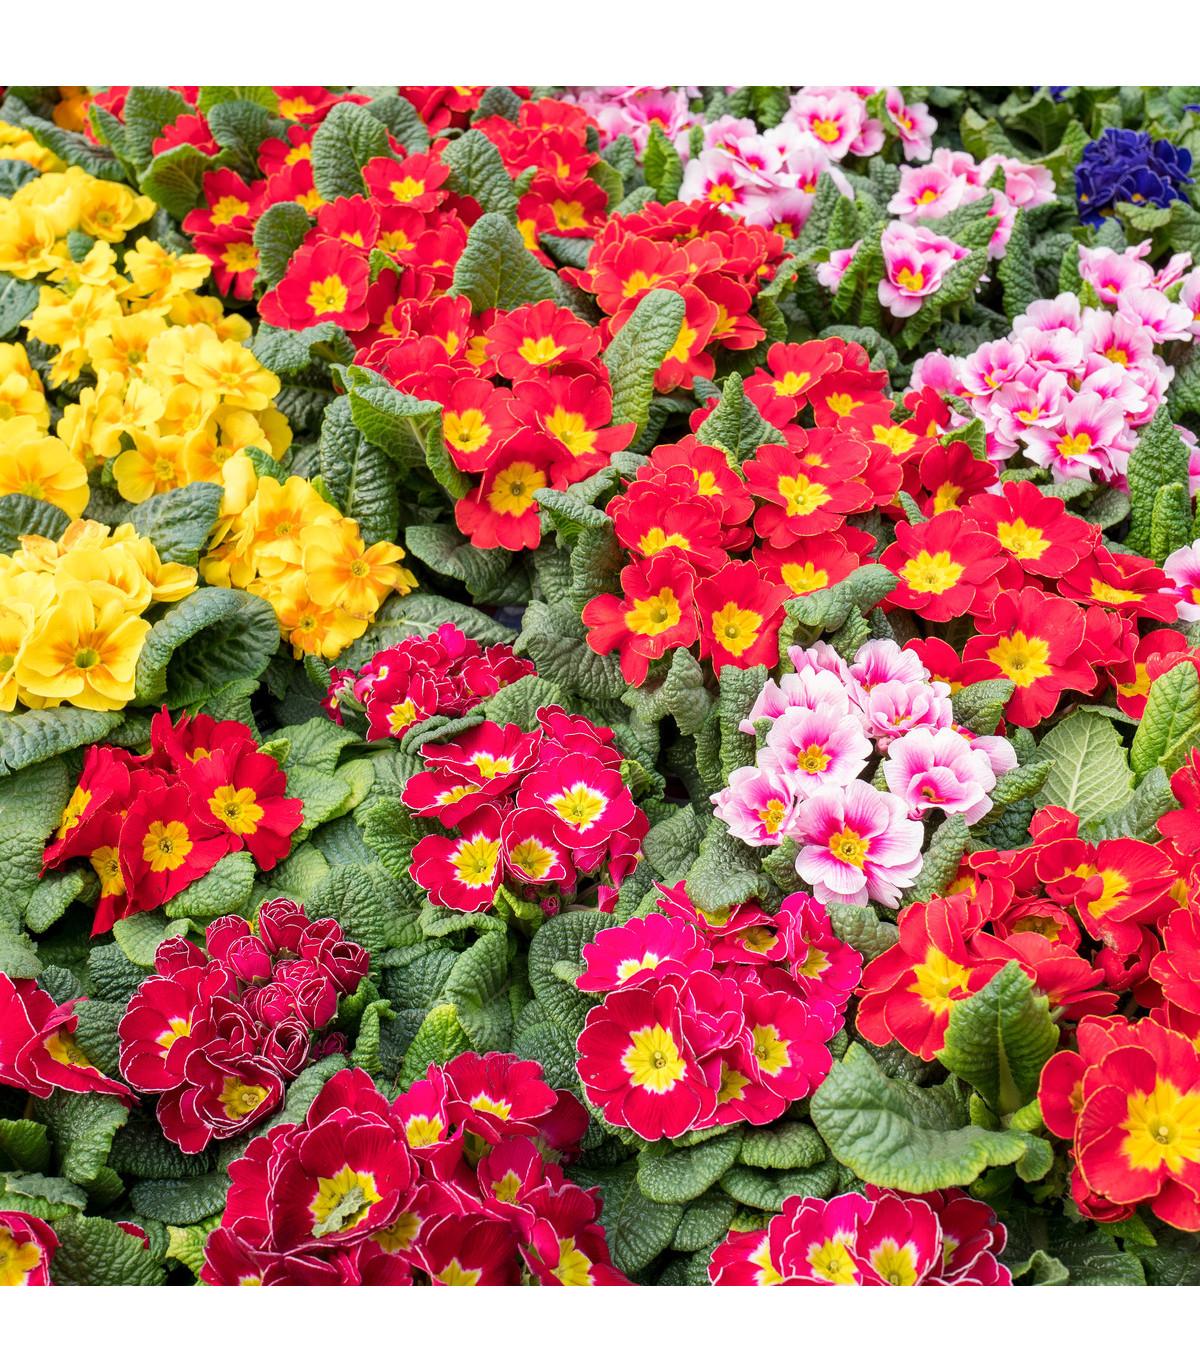 Prvosienka bezbyľová zmes farieb- Primula acaulis - 50 ks